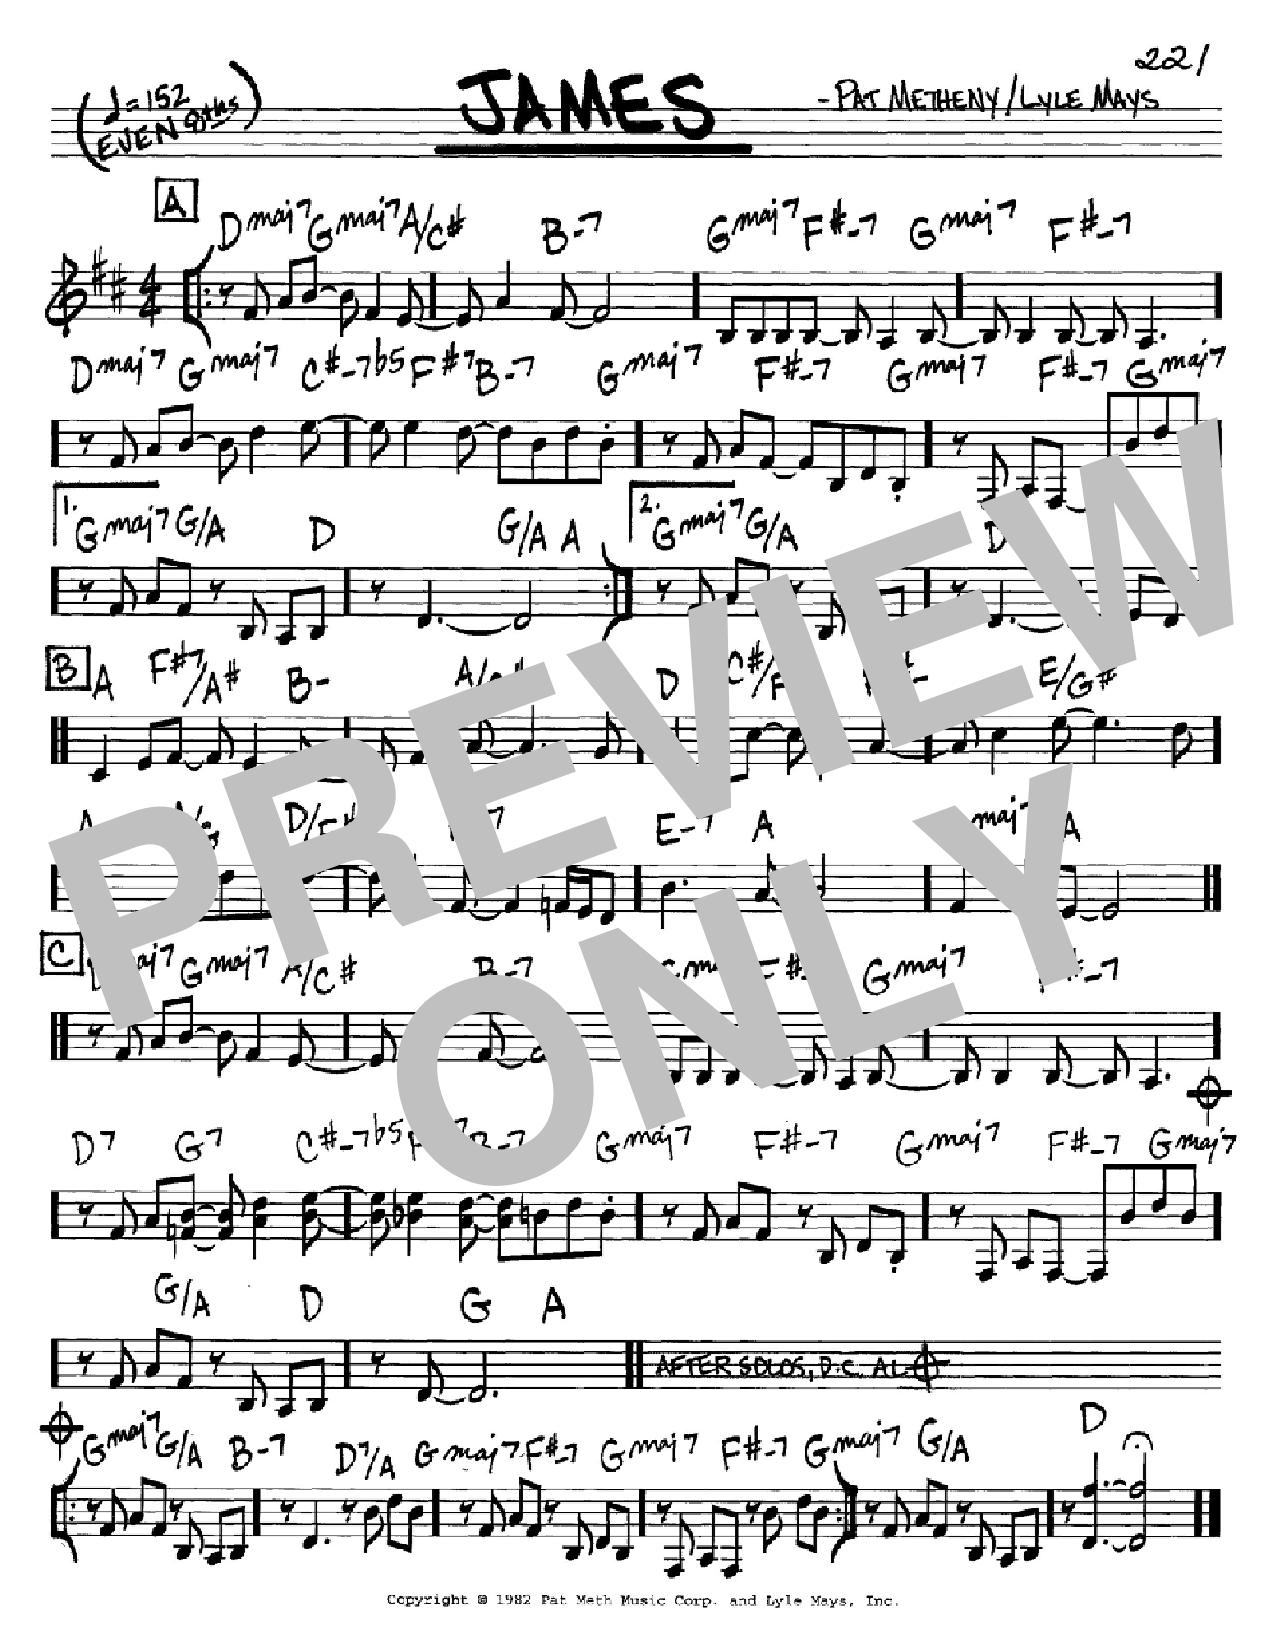 Partition autre James de Pat Metheny - Real Book, Melodie et Accords, Inst. En Do